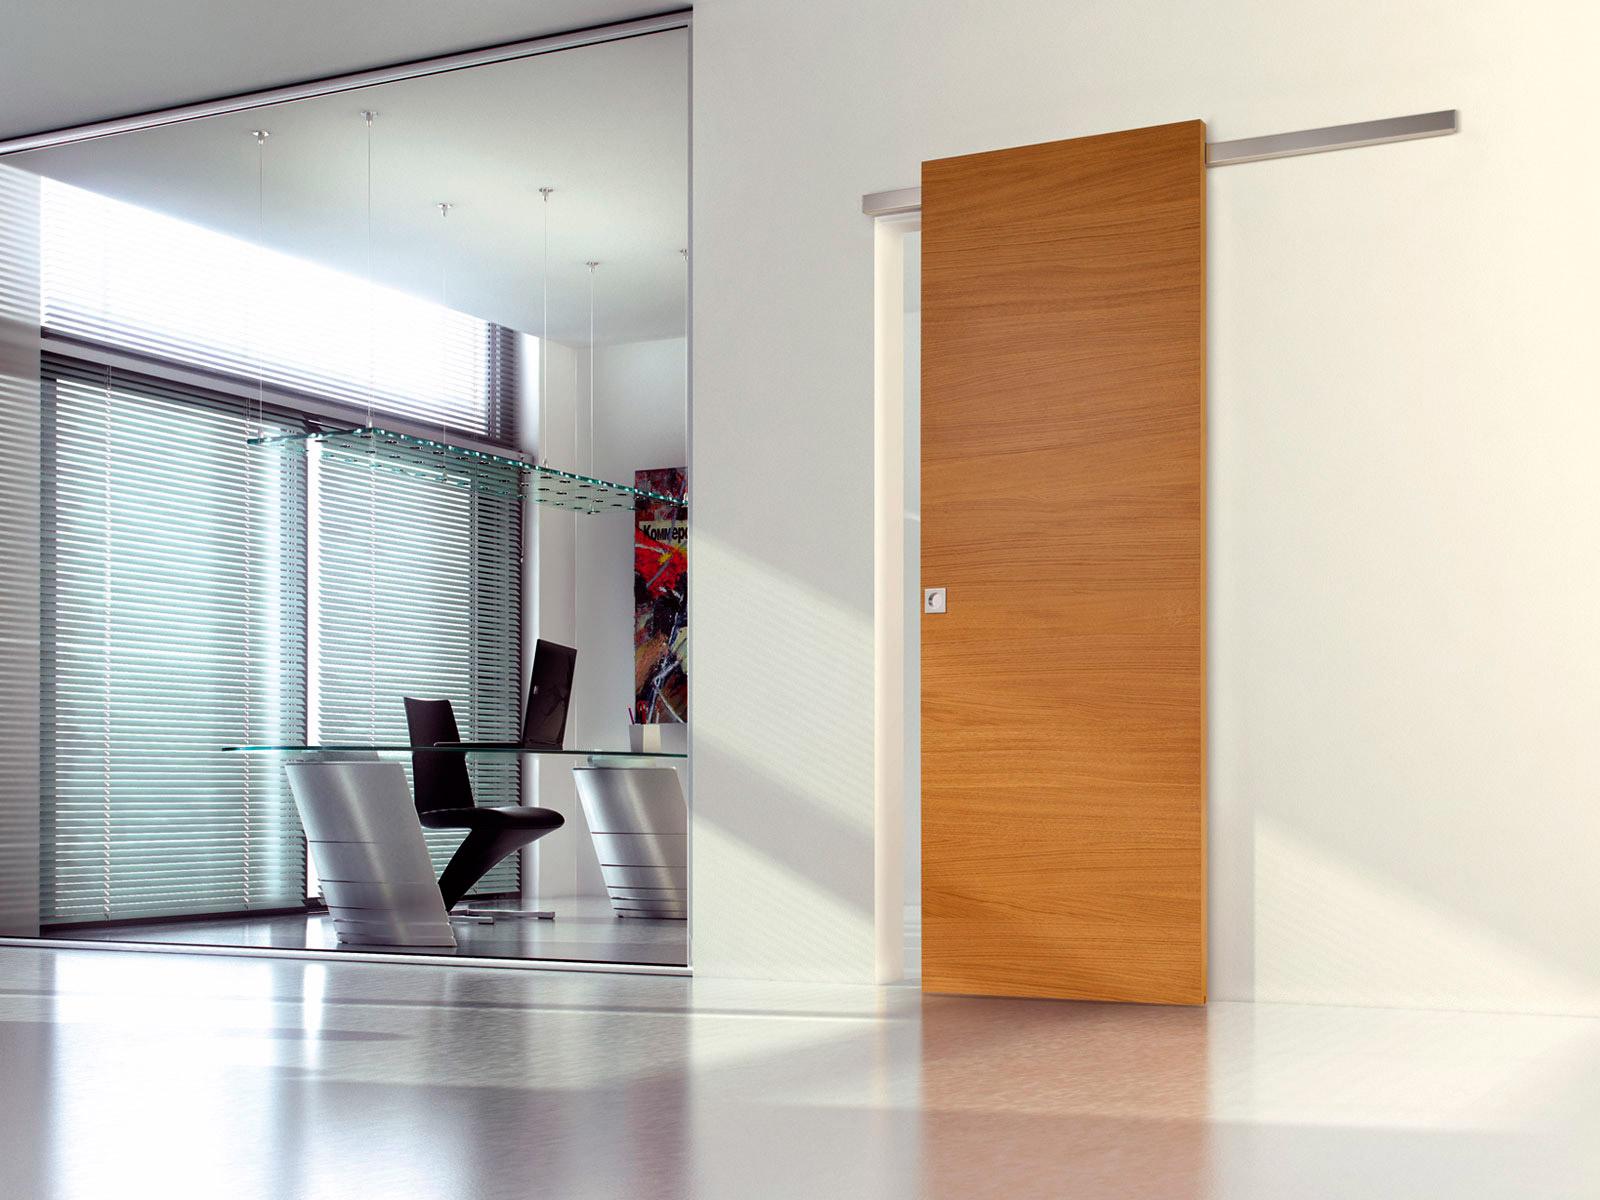 Puertas correderas a coru a puertas rototraslantes - Mecanismo puerta corredera ...